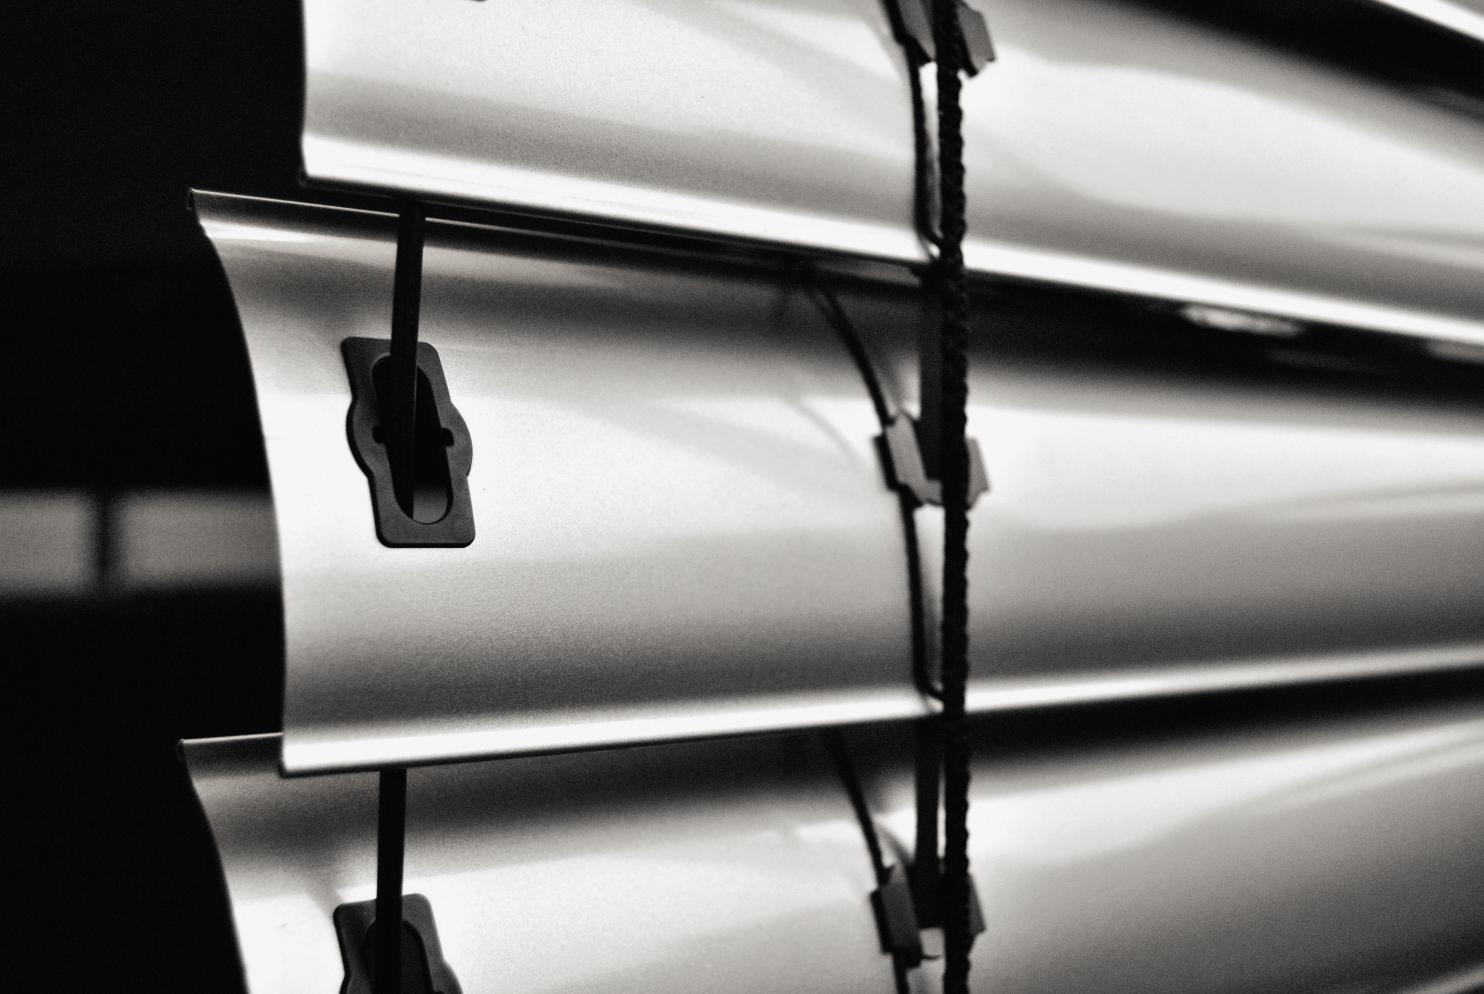 WAREMA Basis-Raffstore mit Schienenführung und Kurbel